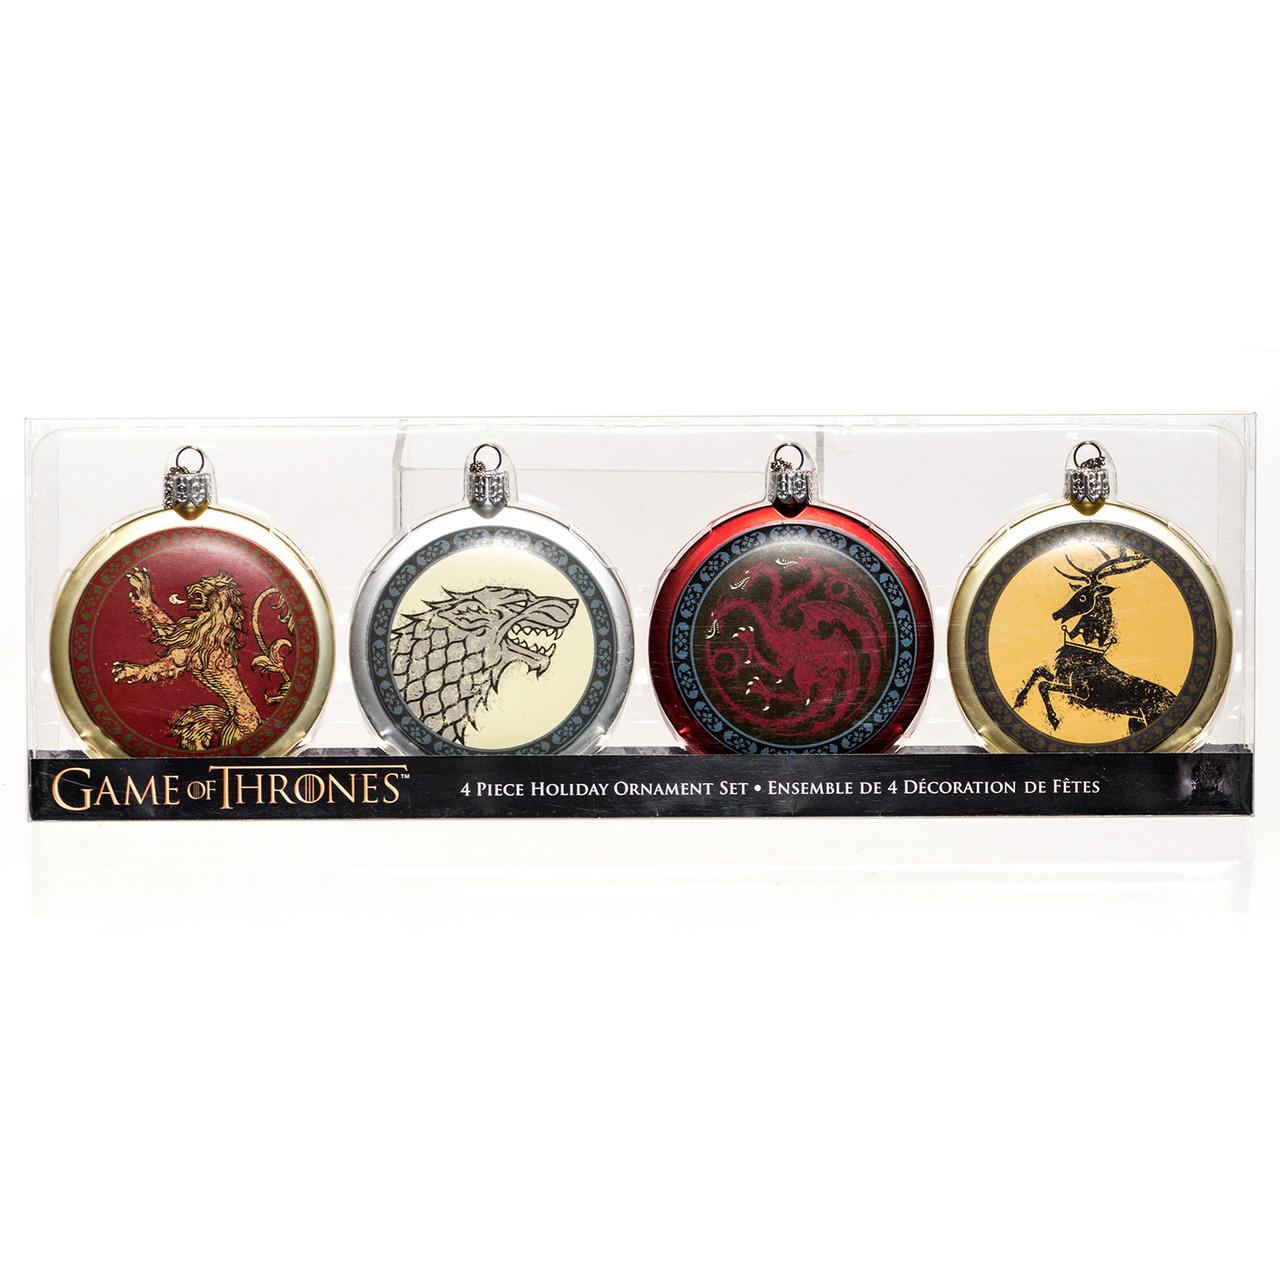 Game Of Thrones 4 Piece Holiday Ornament Set Retrofestive Ca